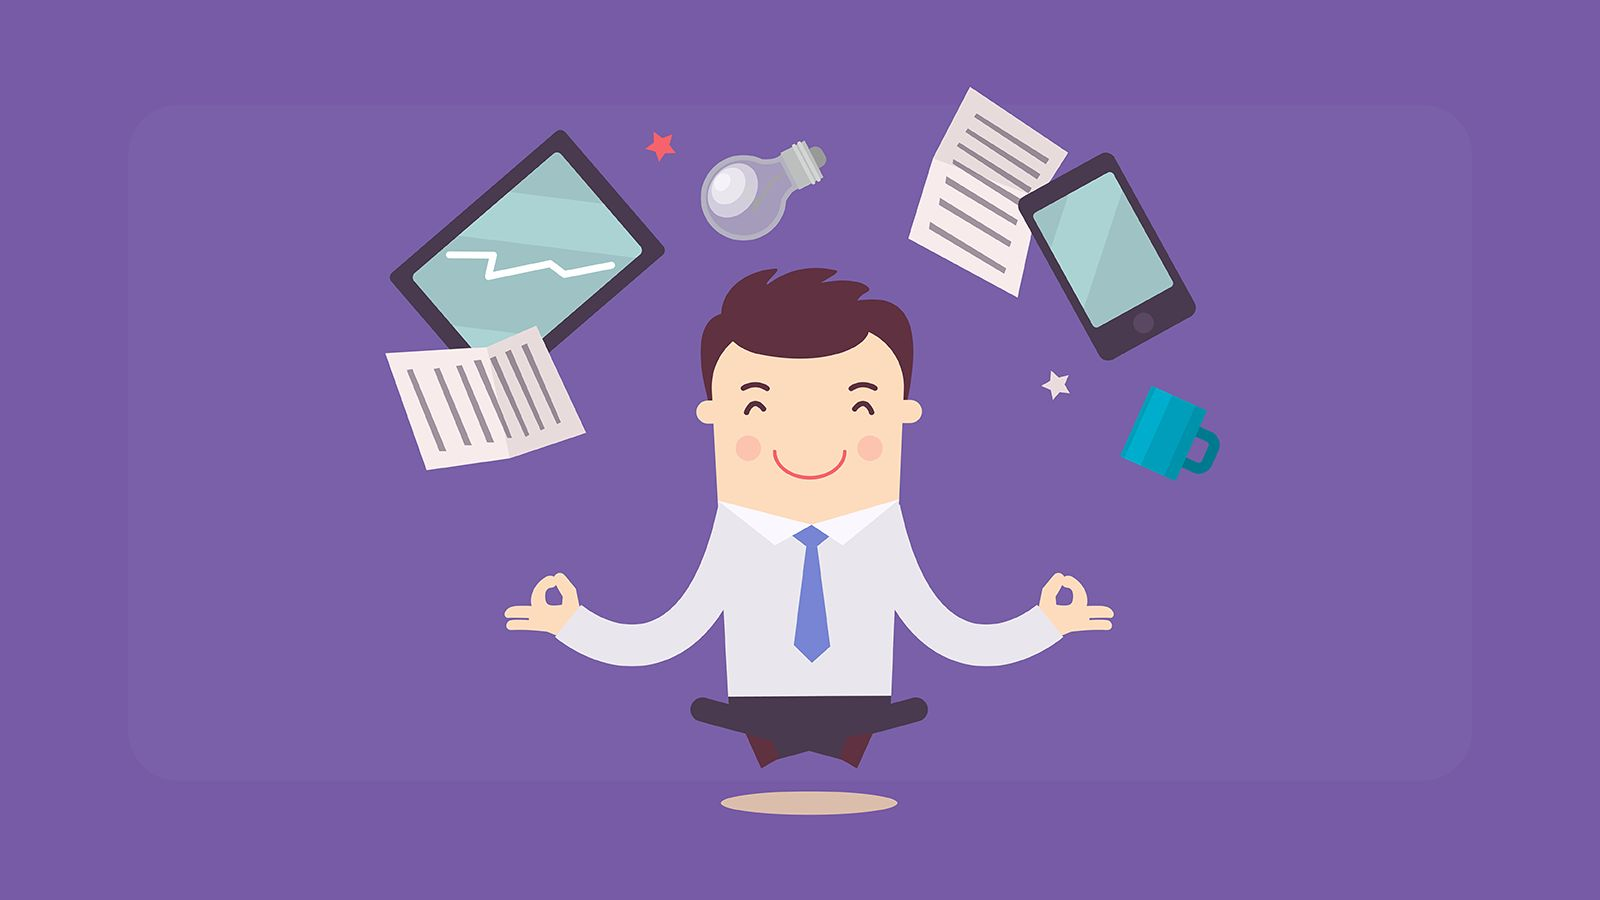 Doanh nghiệp 4.0: Yếu tố sống còn chính là hiệu quả làm việc có thể đo lường